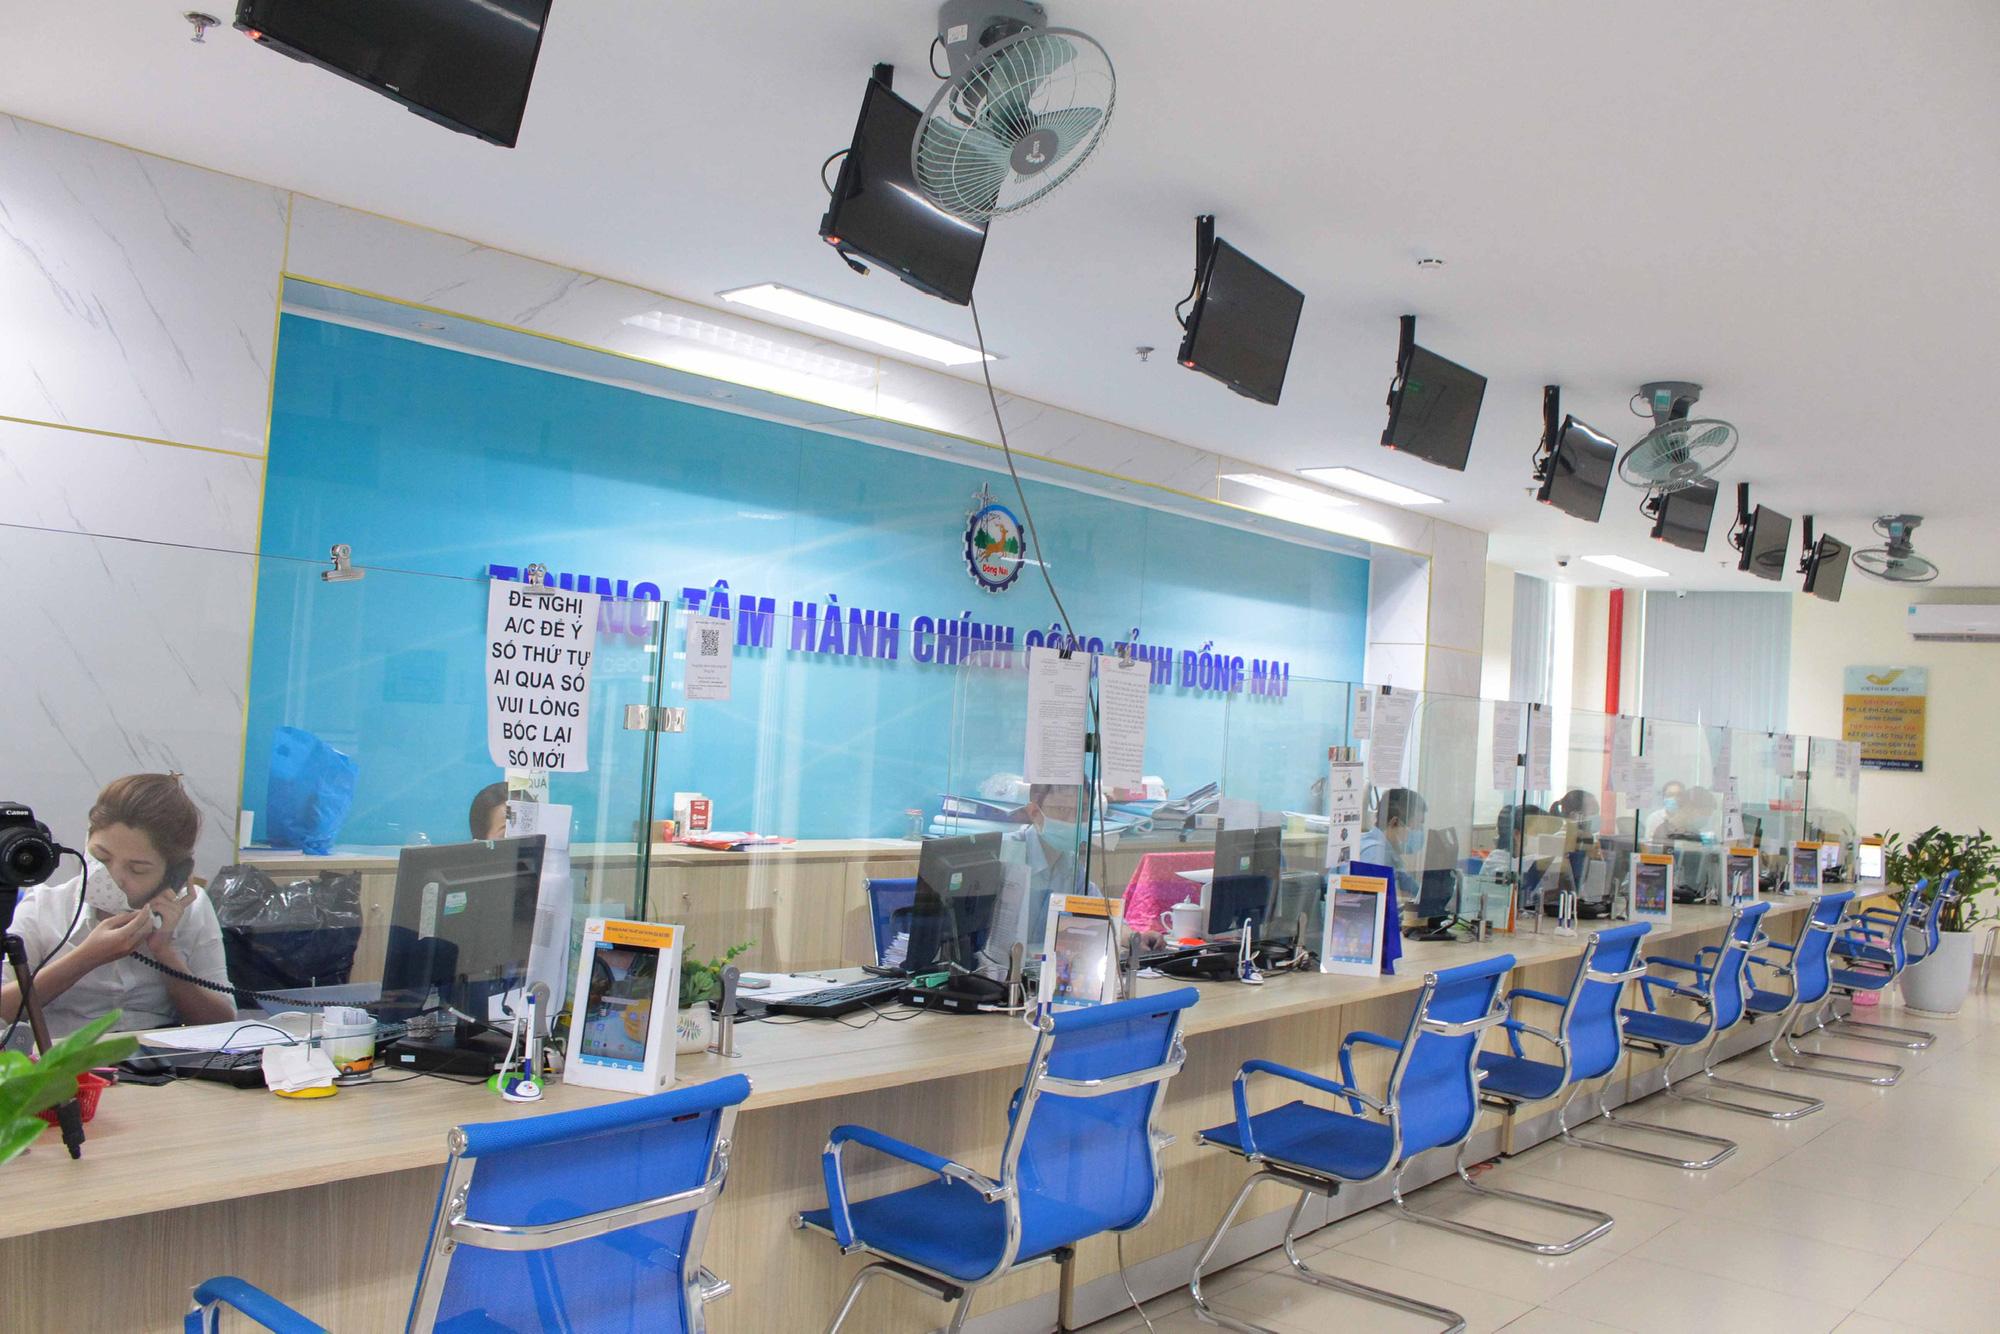 Đồng Nai thu nhận thồ sơ đất đai qua bưu chính công ích trong thời gian giãn cách xã hội - Ảnh 1.